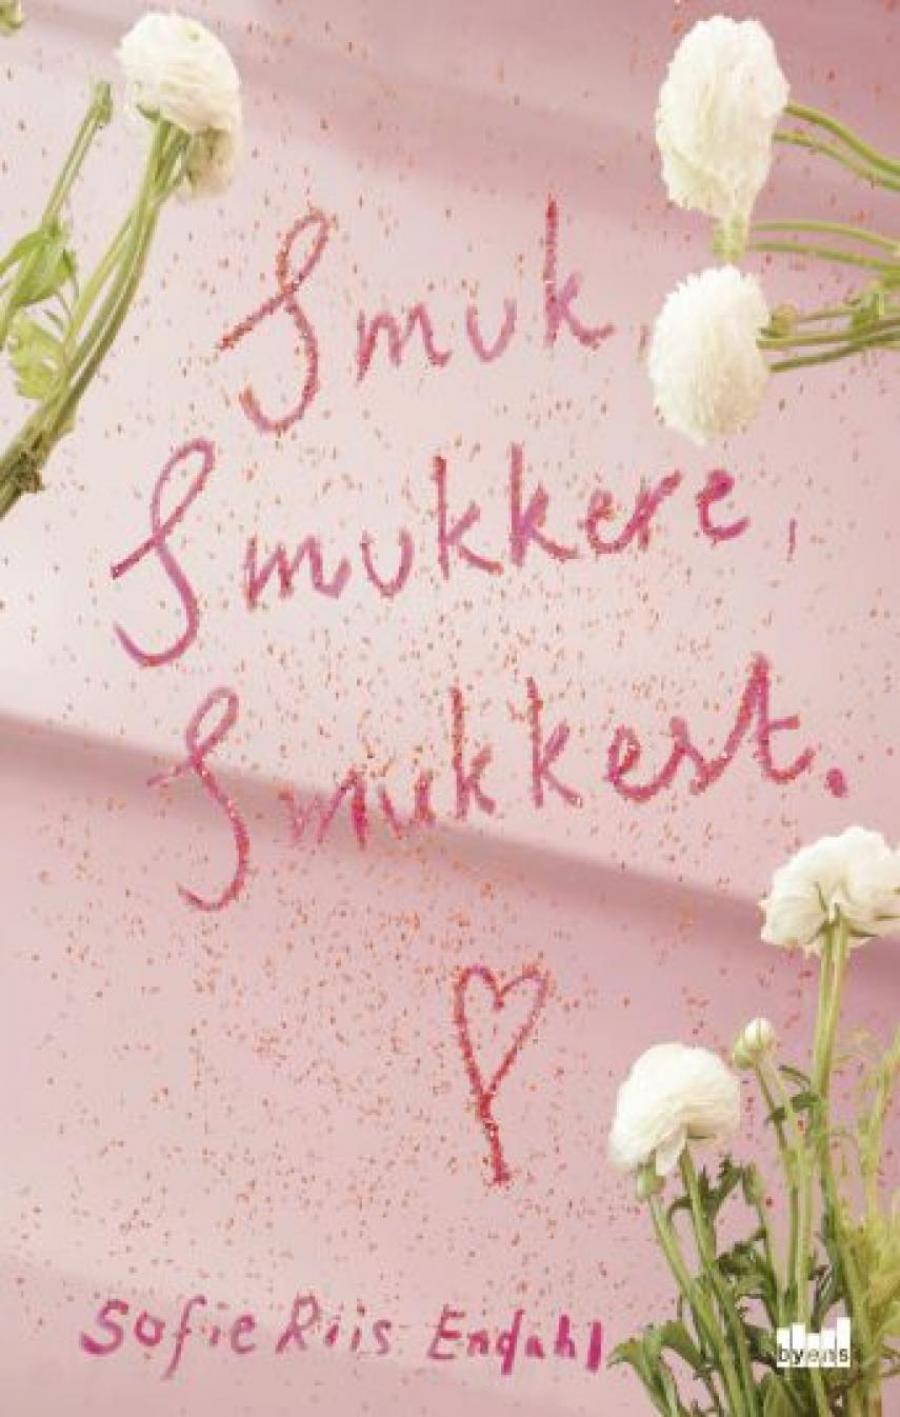 Smuk, smukkere, smukkest. Ungdomsroman af Sofie Riis Endahl (2019).